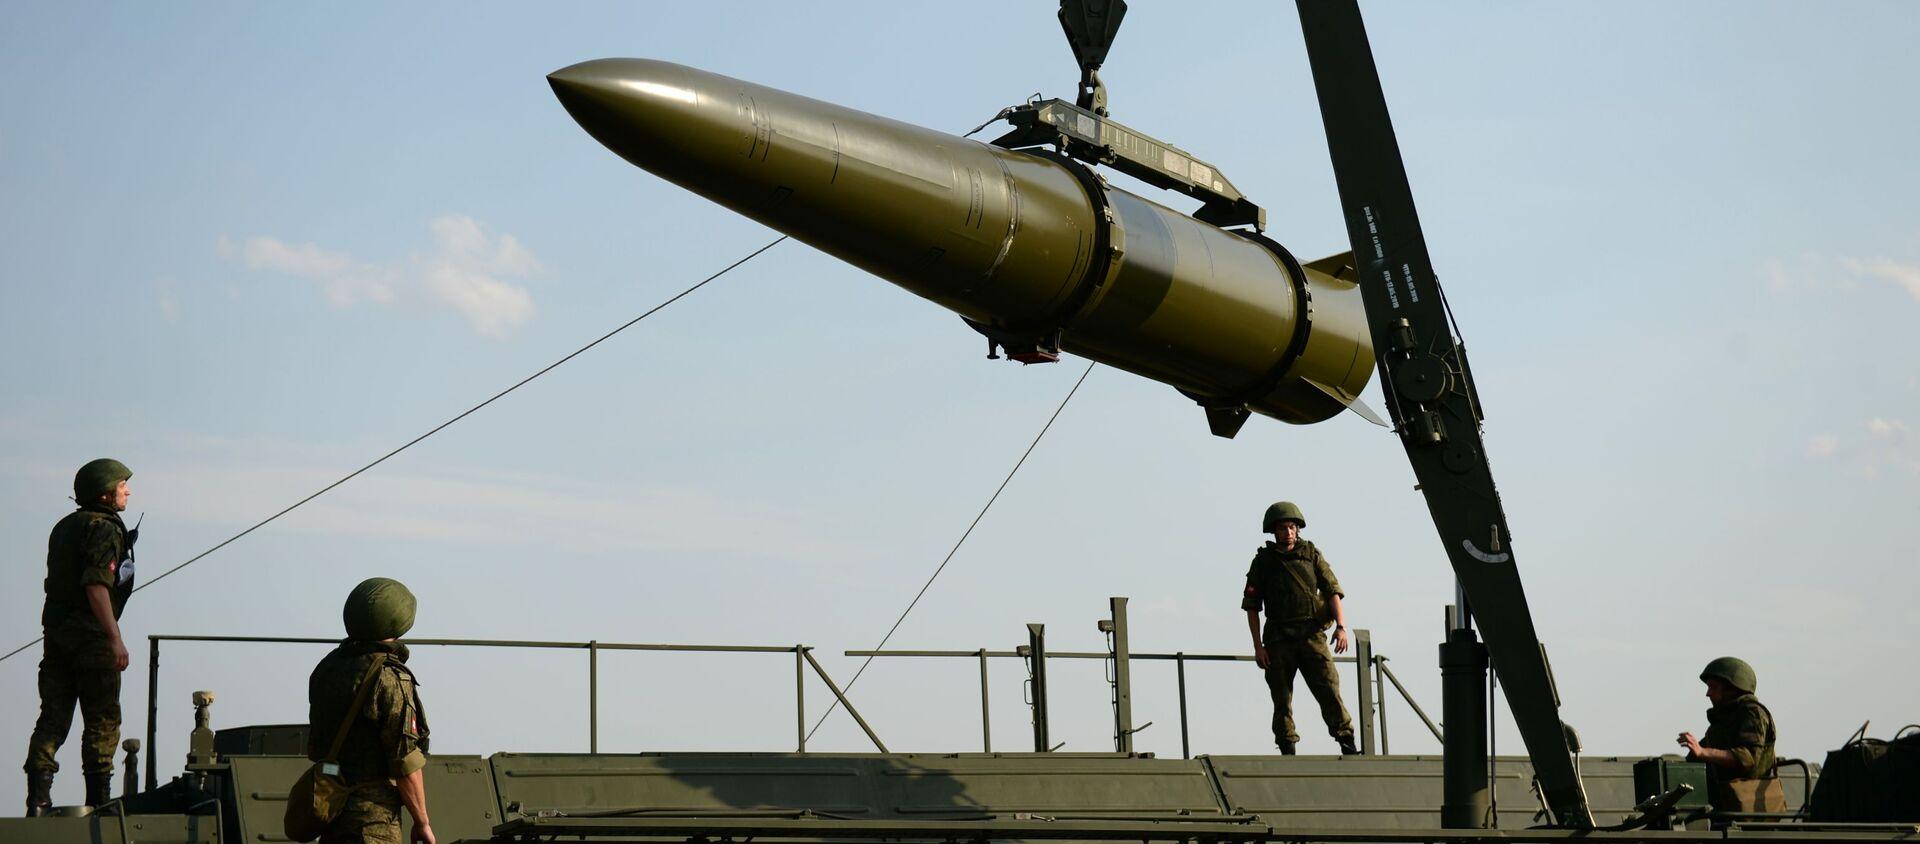 Развёртывание оперативно-тактического ракетного комплекса Искандер-М - Sputnik Азербайджан, 1920, 02.04.2021